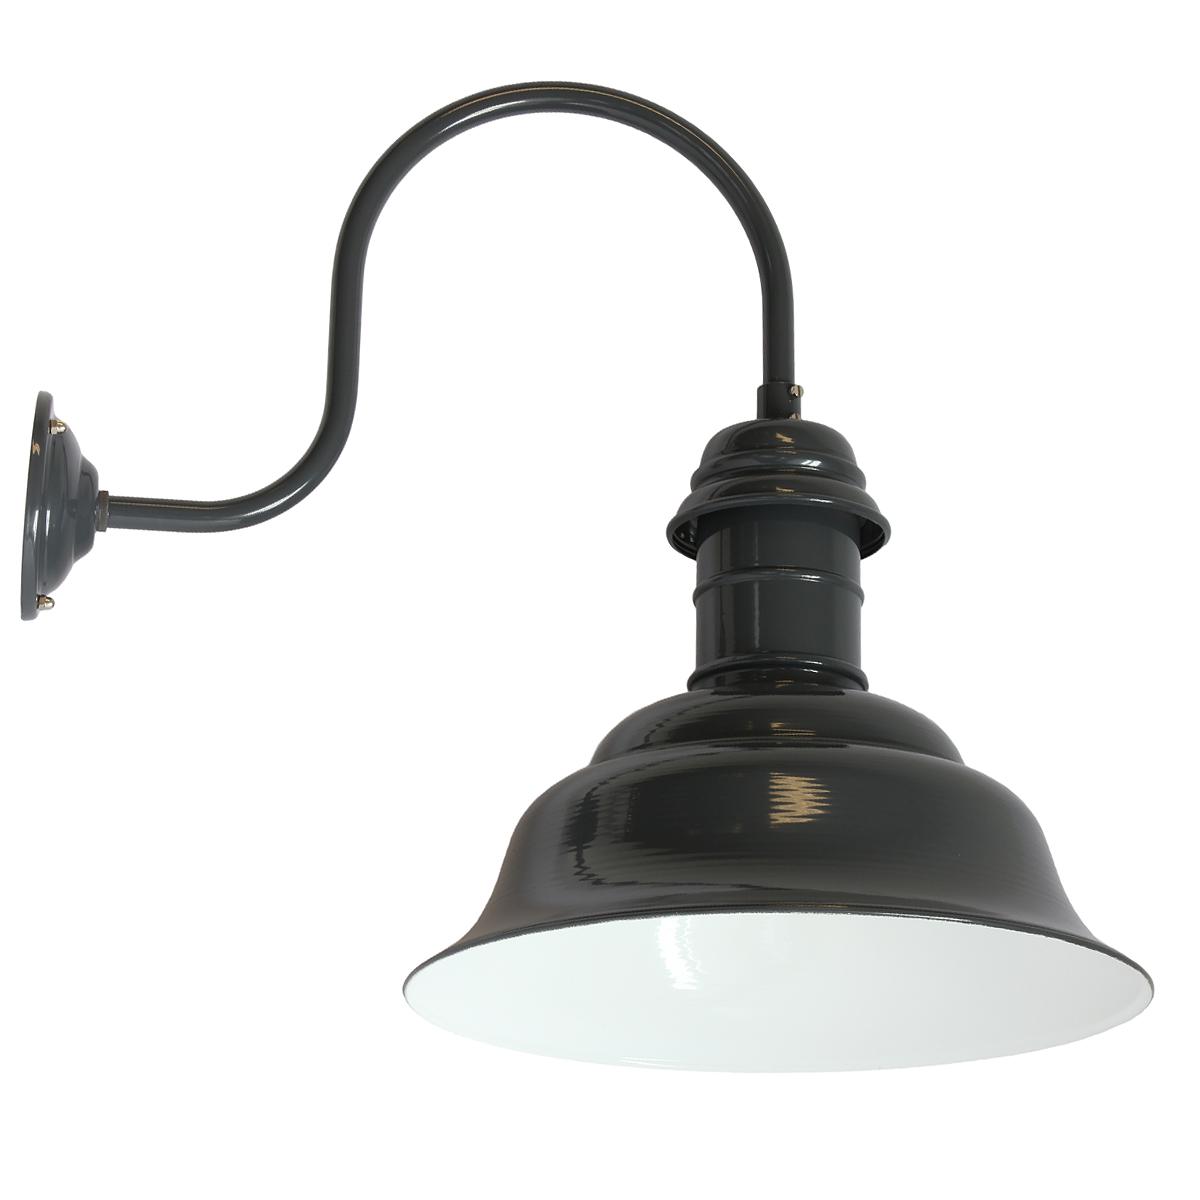 wandlampe industriedesign wandlampe im industriedesign aus holz und altmetall berlin